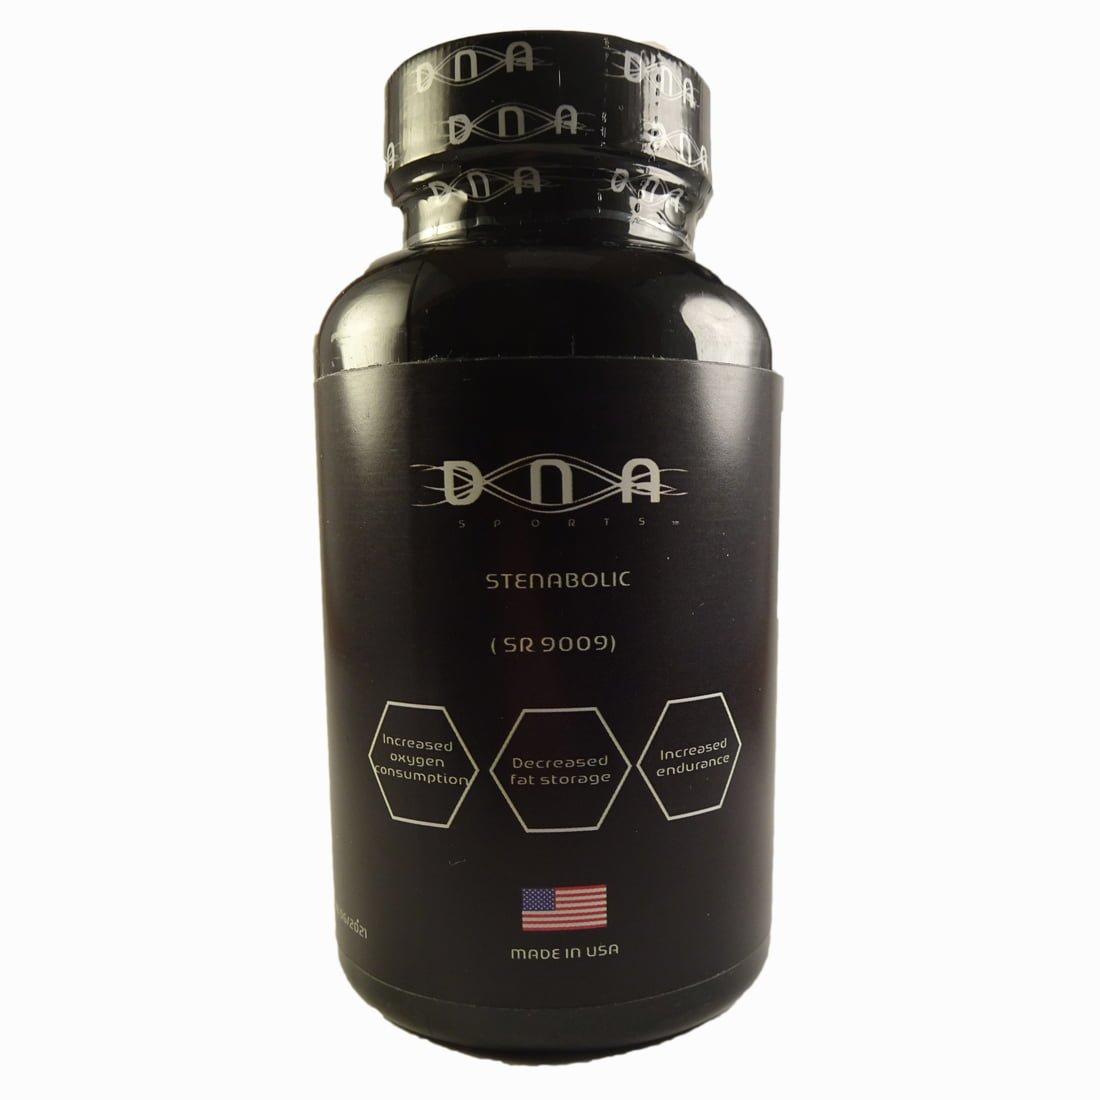 DNA sports Stenabolic SR9009